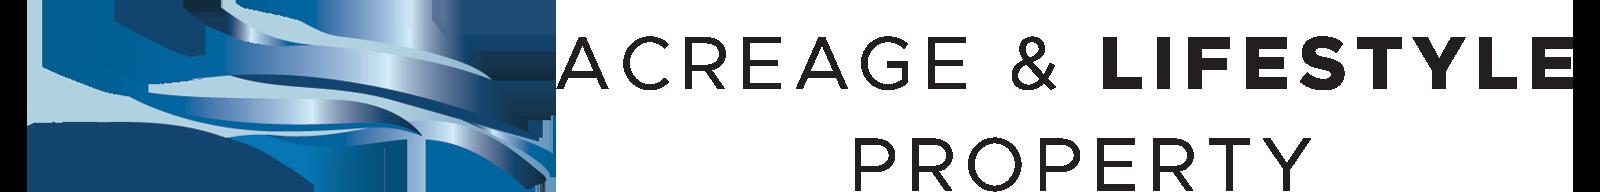 Acreage & Lifestyle Property - Ningi